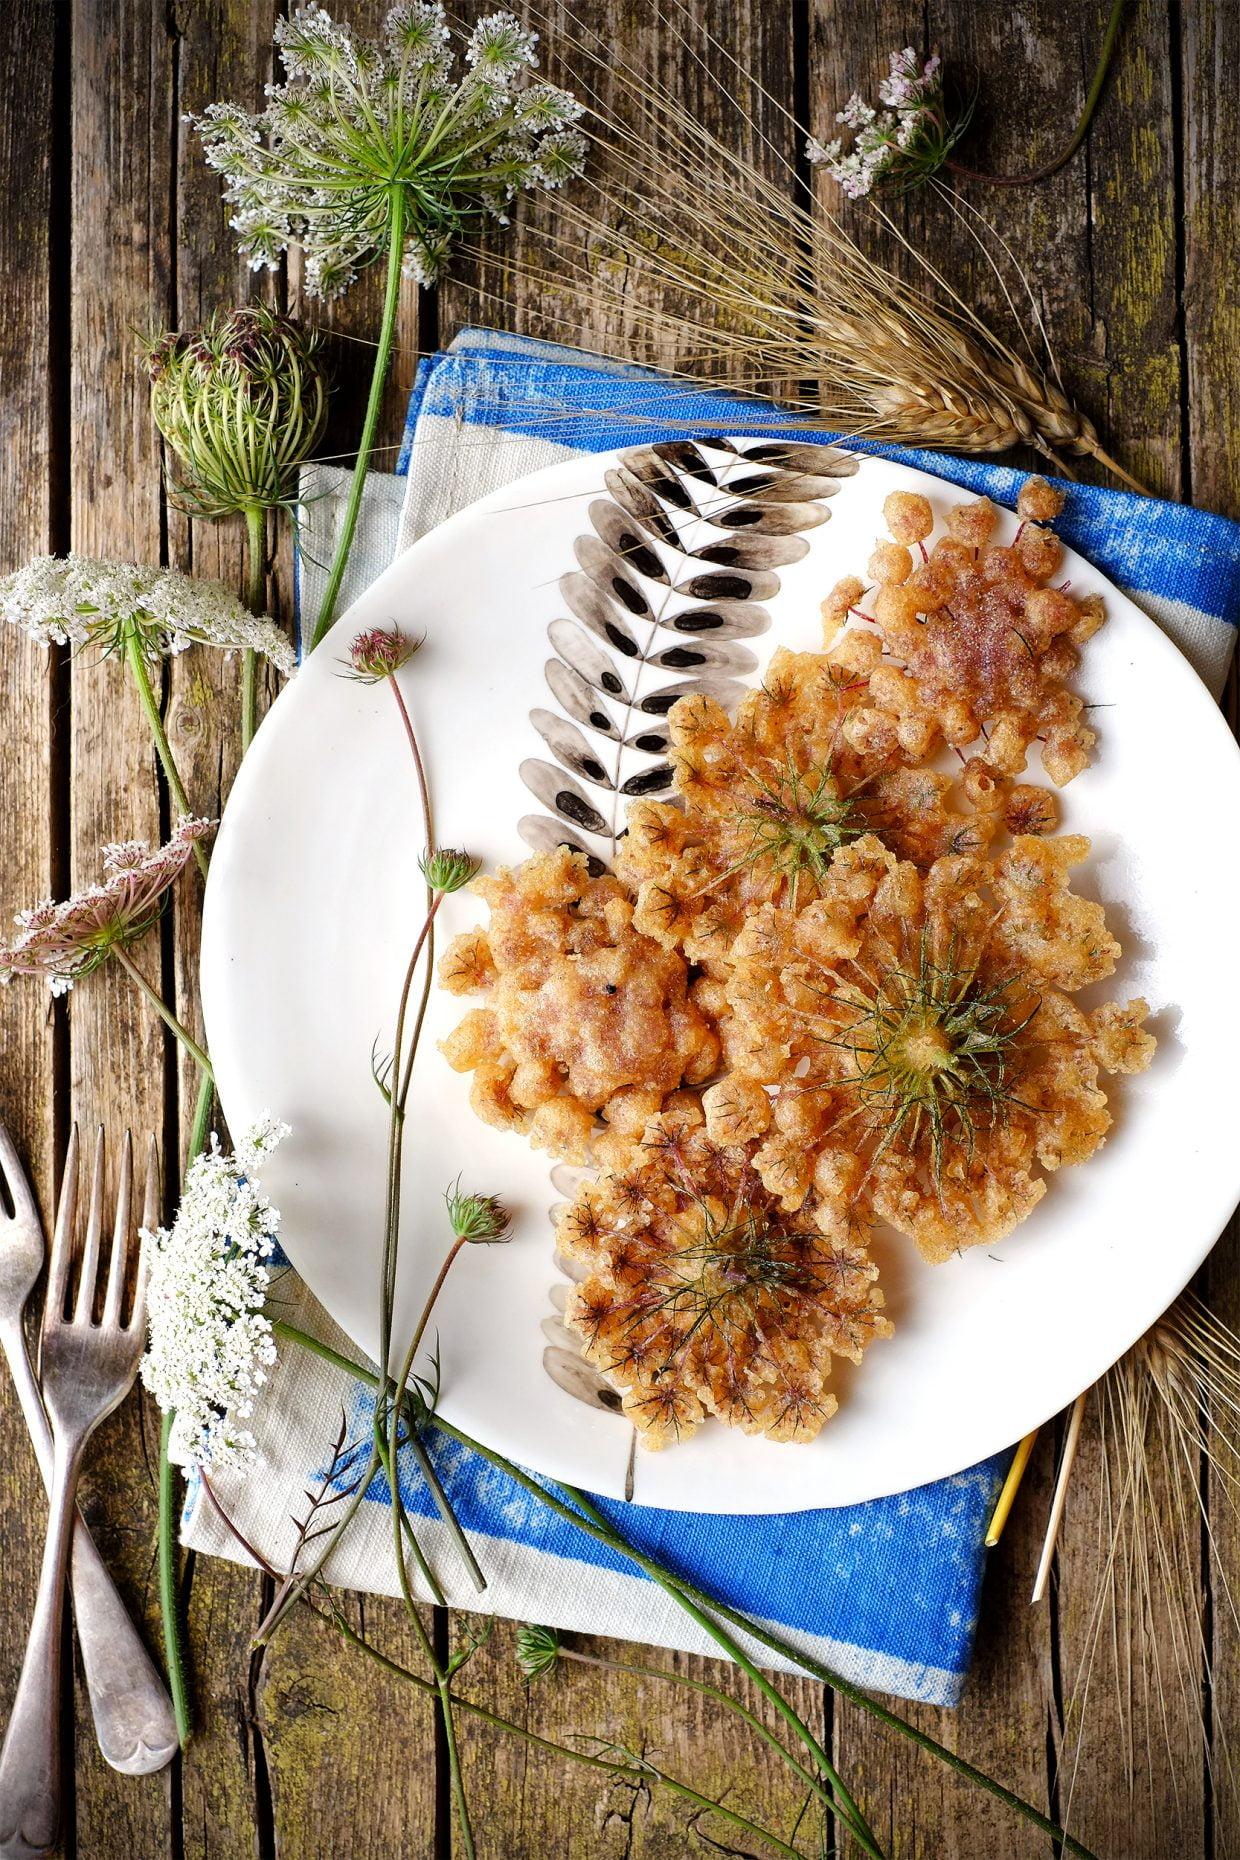 Fiori di carota selvatica fritti in pastella 58